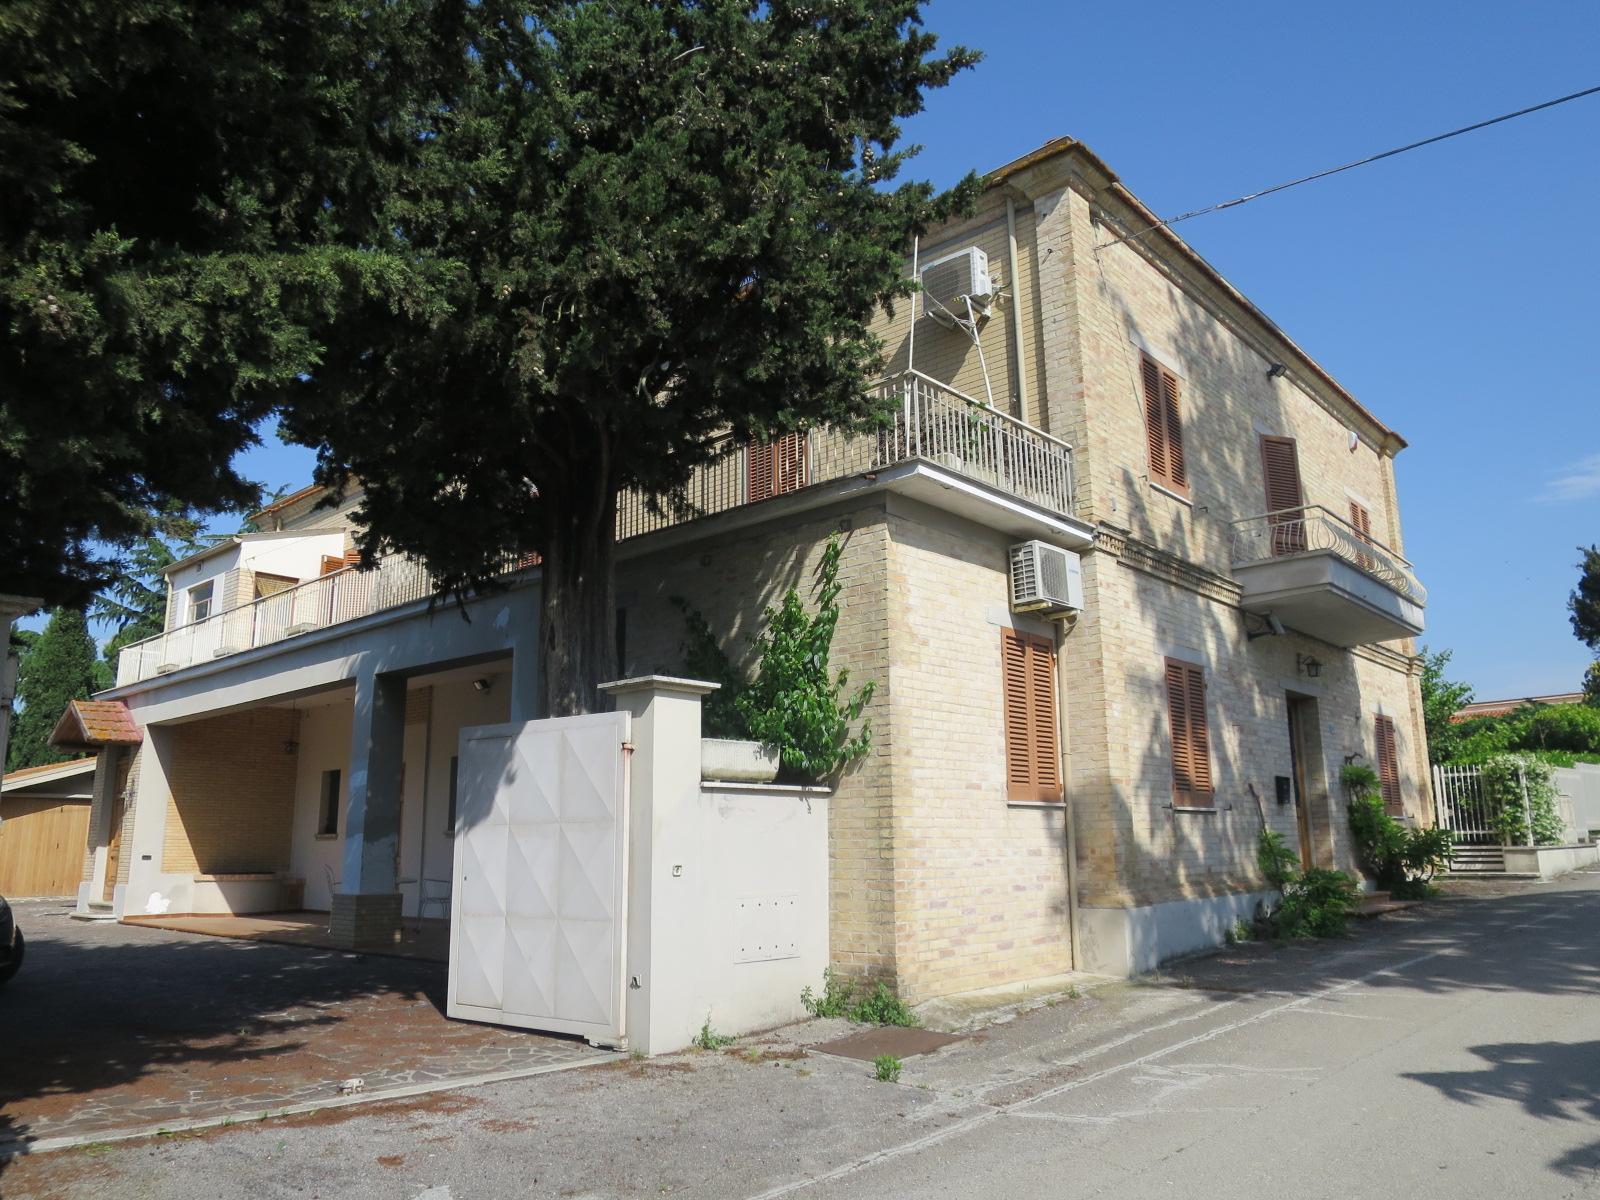 Villa Villa for sale Roseto degli Abruzzi (TE), Villa del Marinaio - Roseto degli Abruzzi - EUR 385.559 350